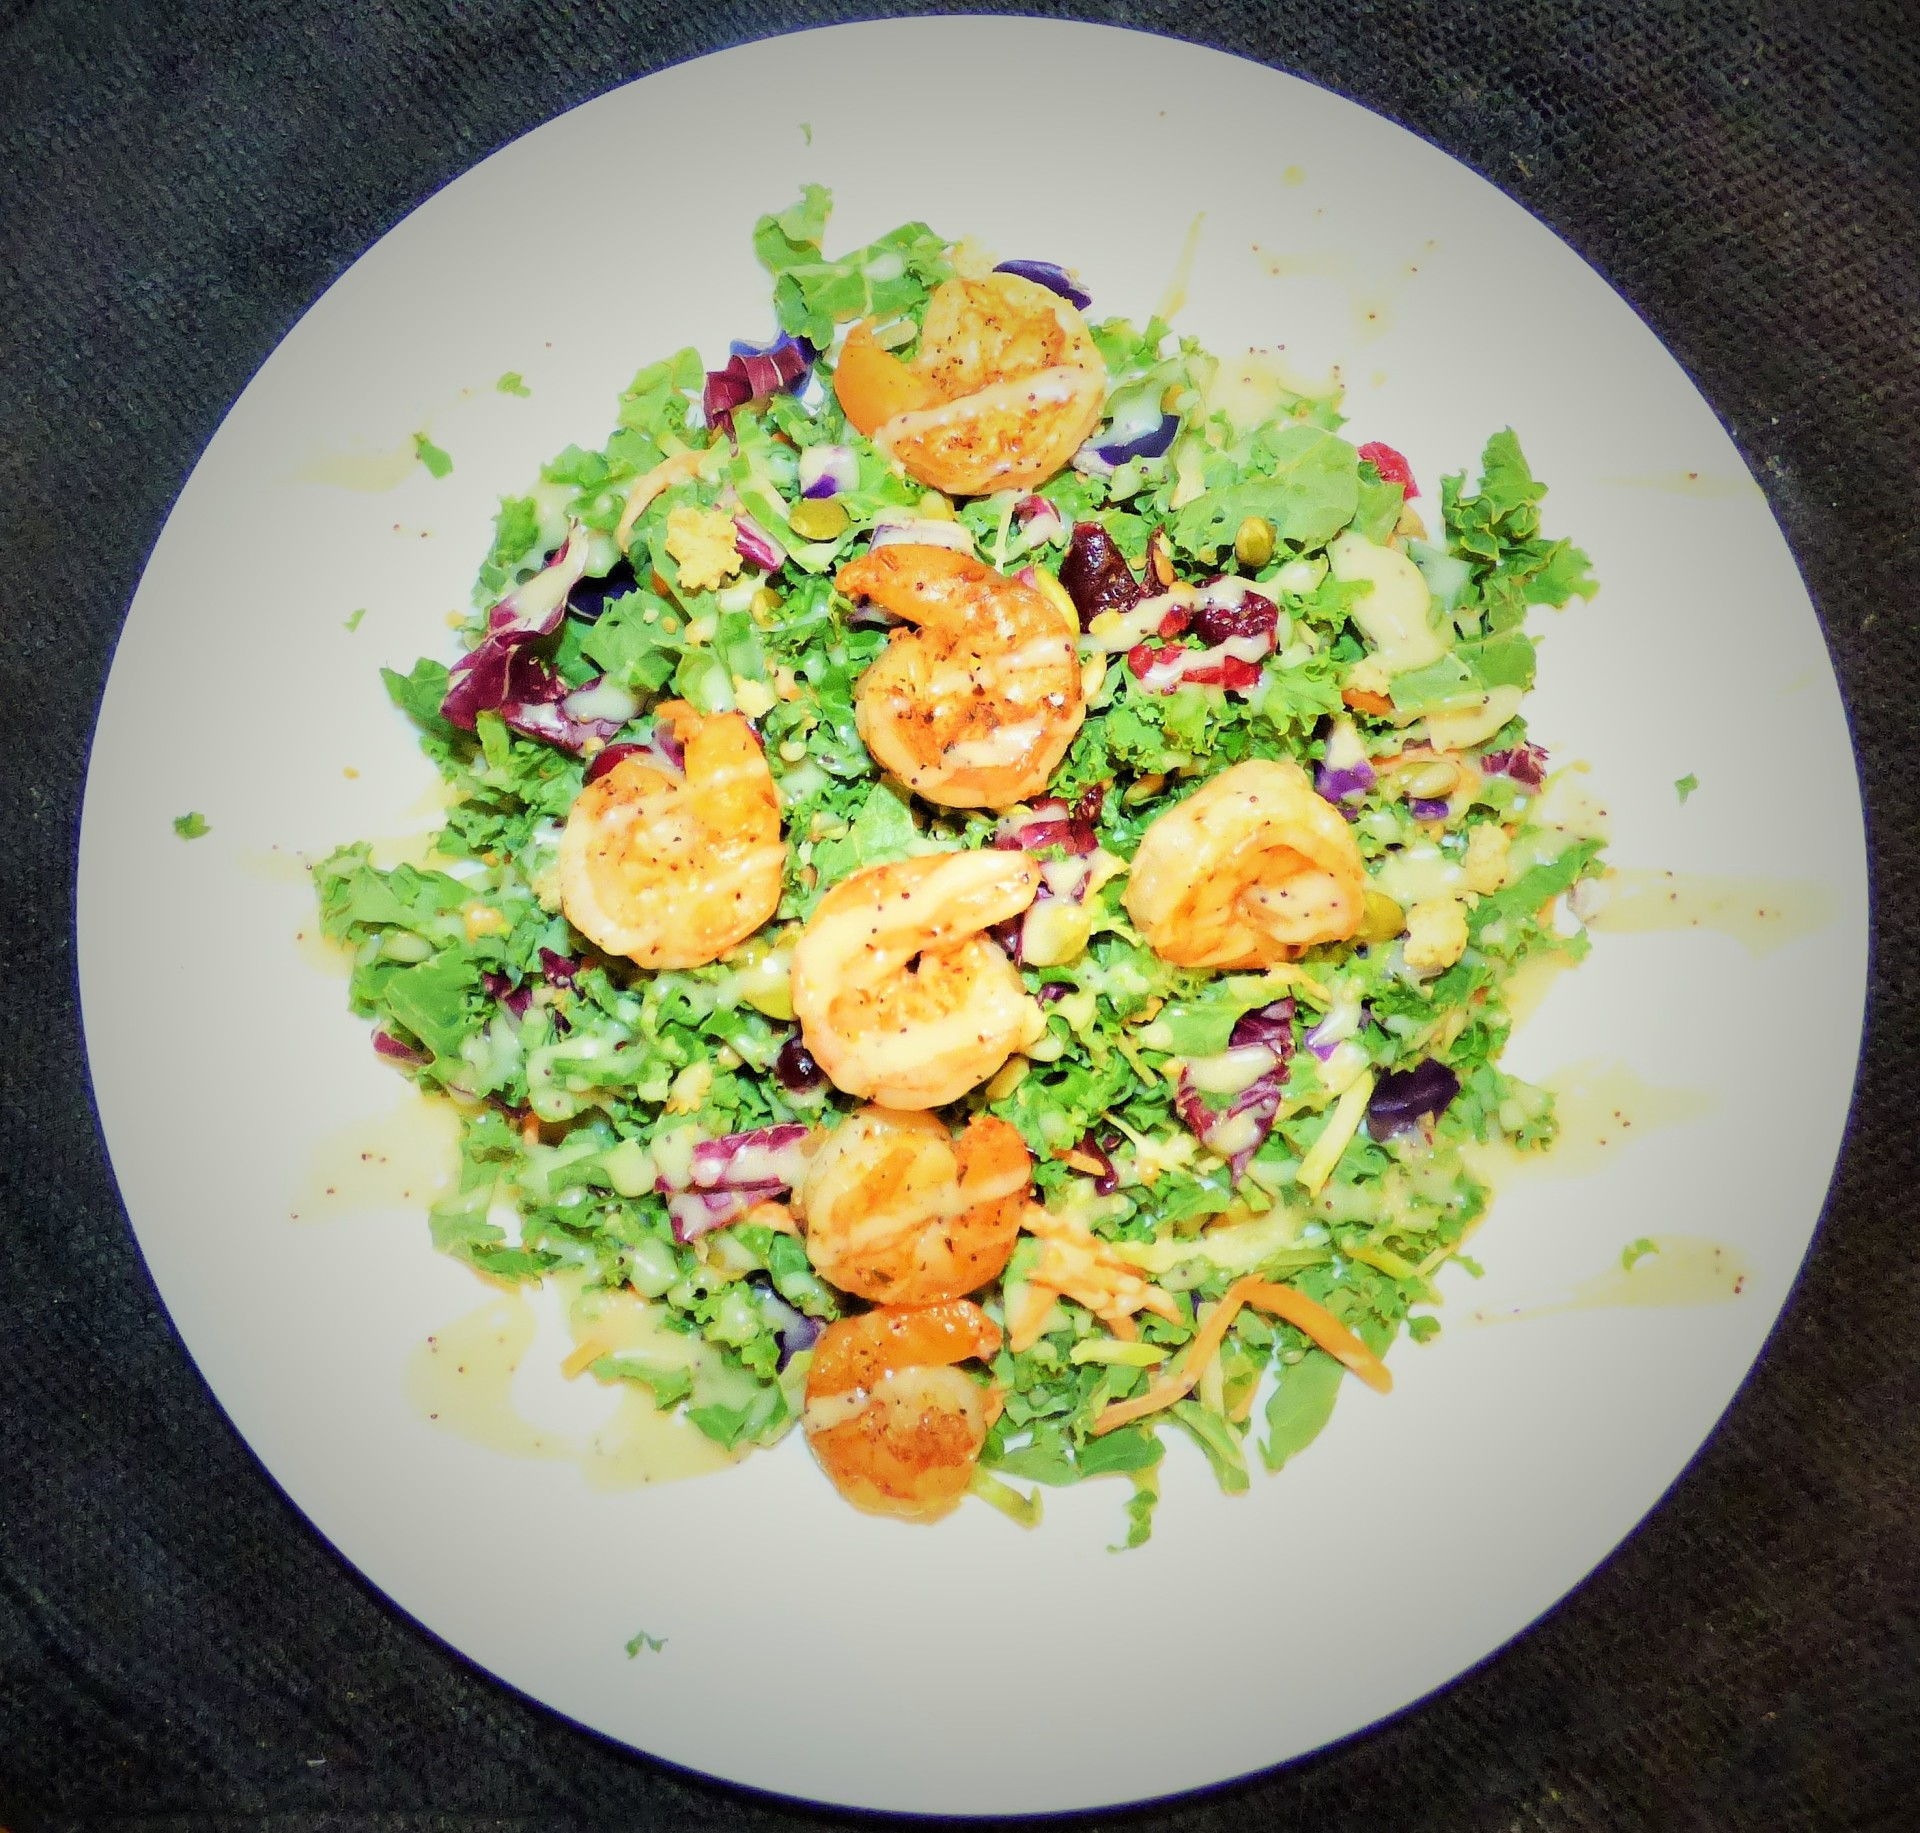 Grilled Shrimp with Lemon Kale salad